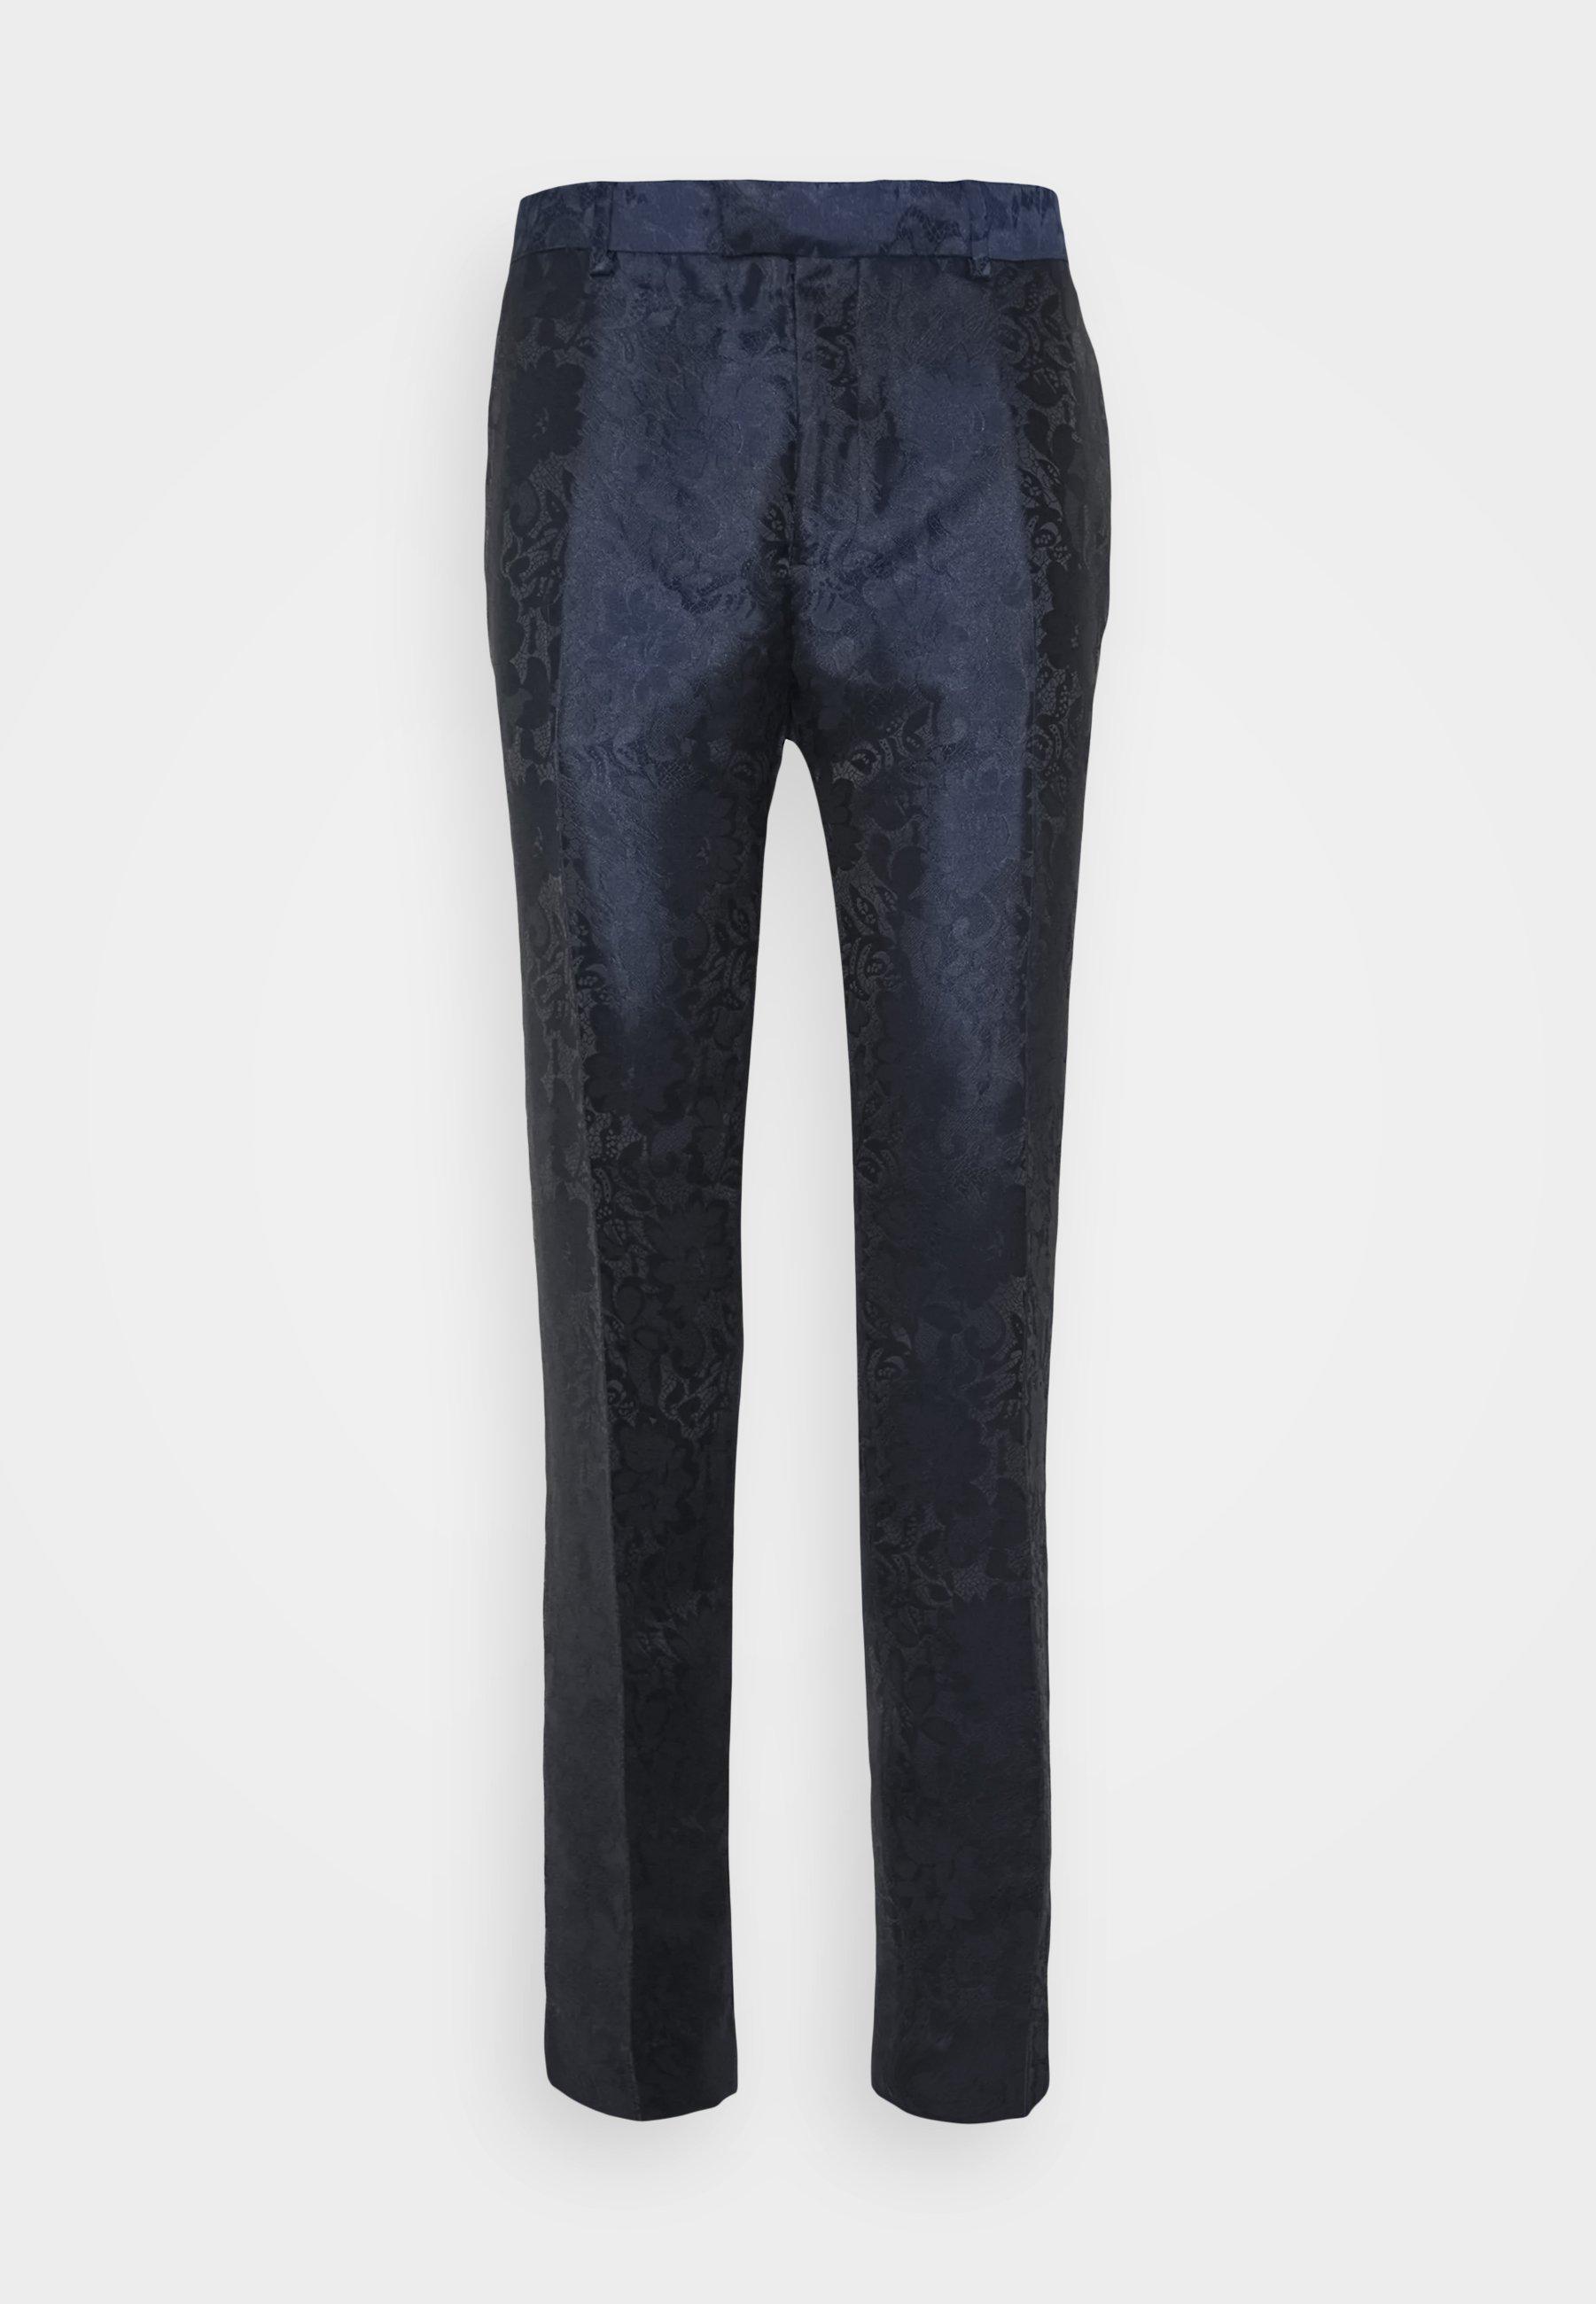 PARIS Bukse dark blue